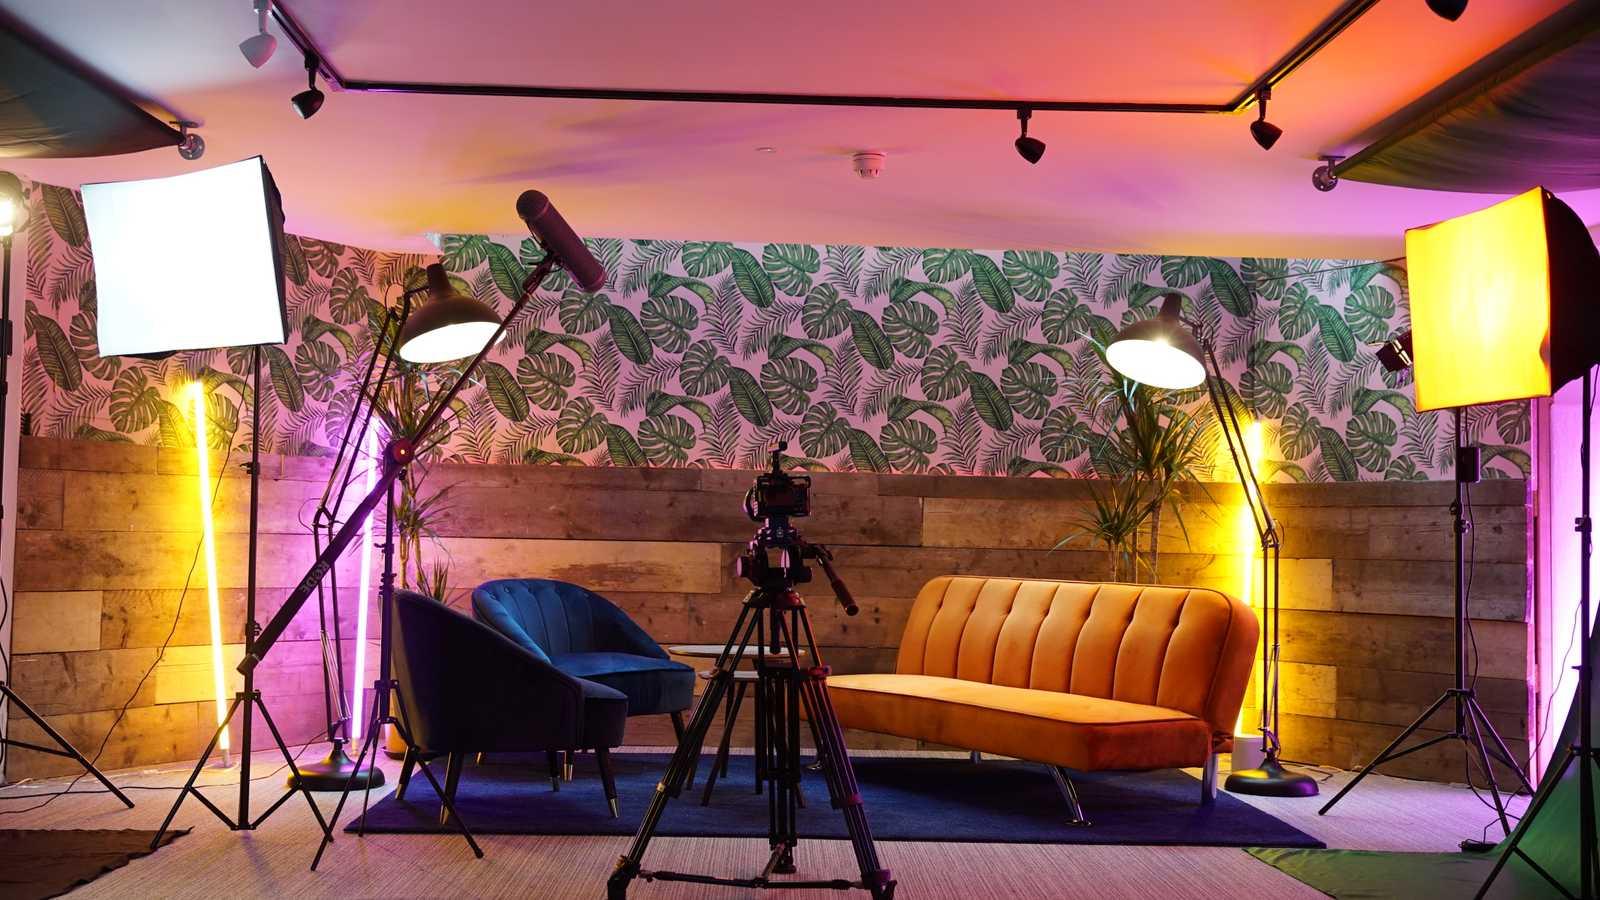 Basement film studio